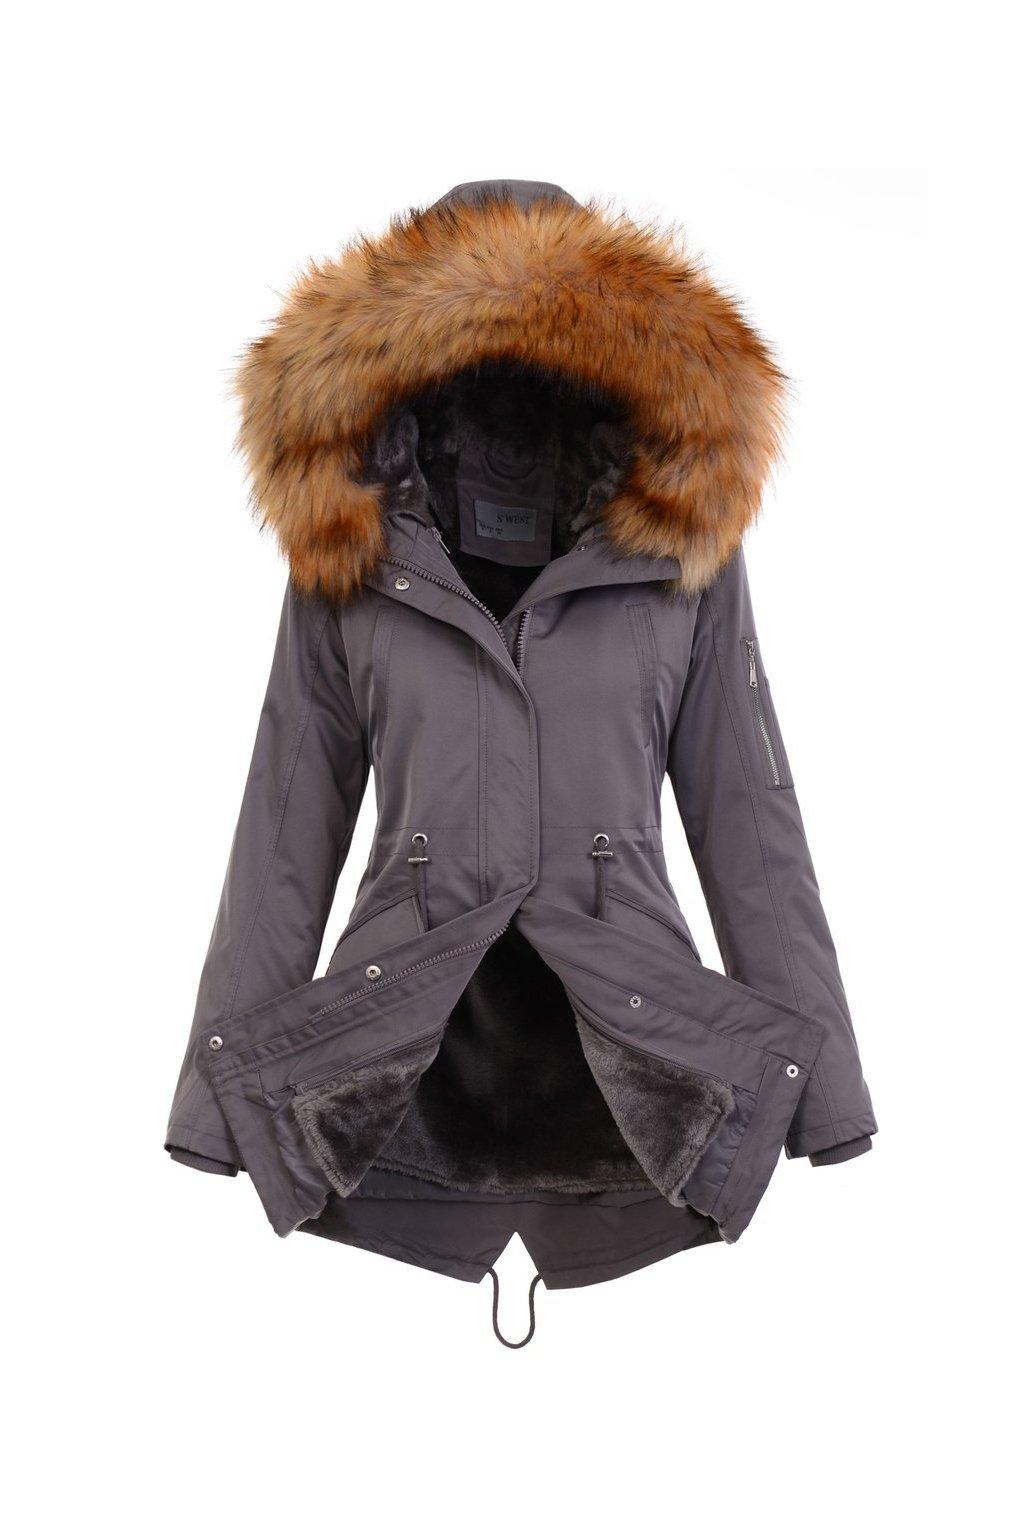 Dámska zimná bunda parka 2v1 4874 šedá